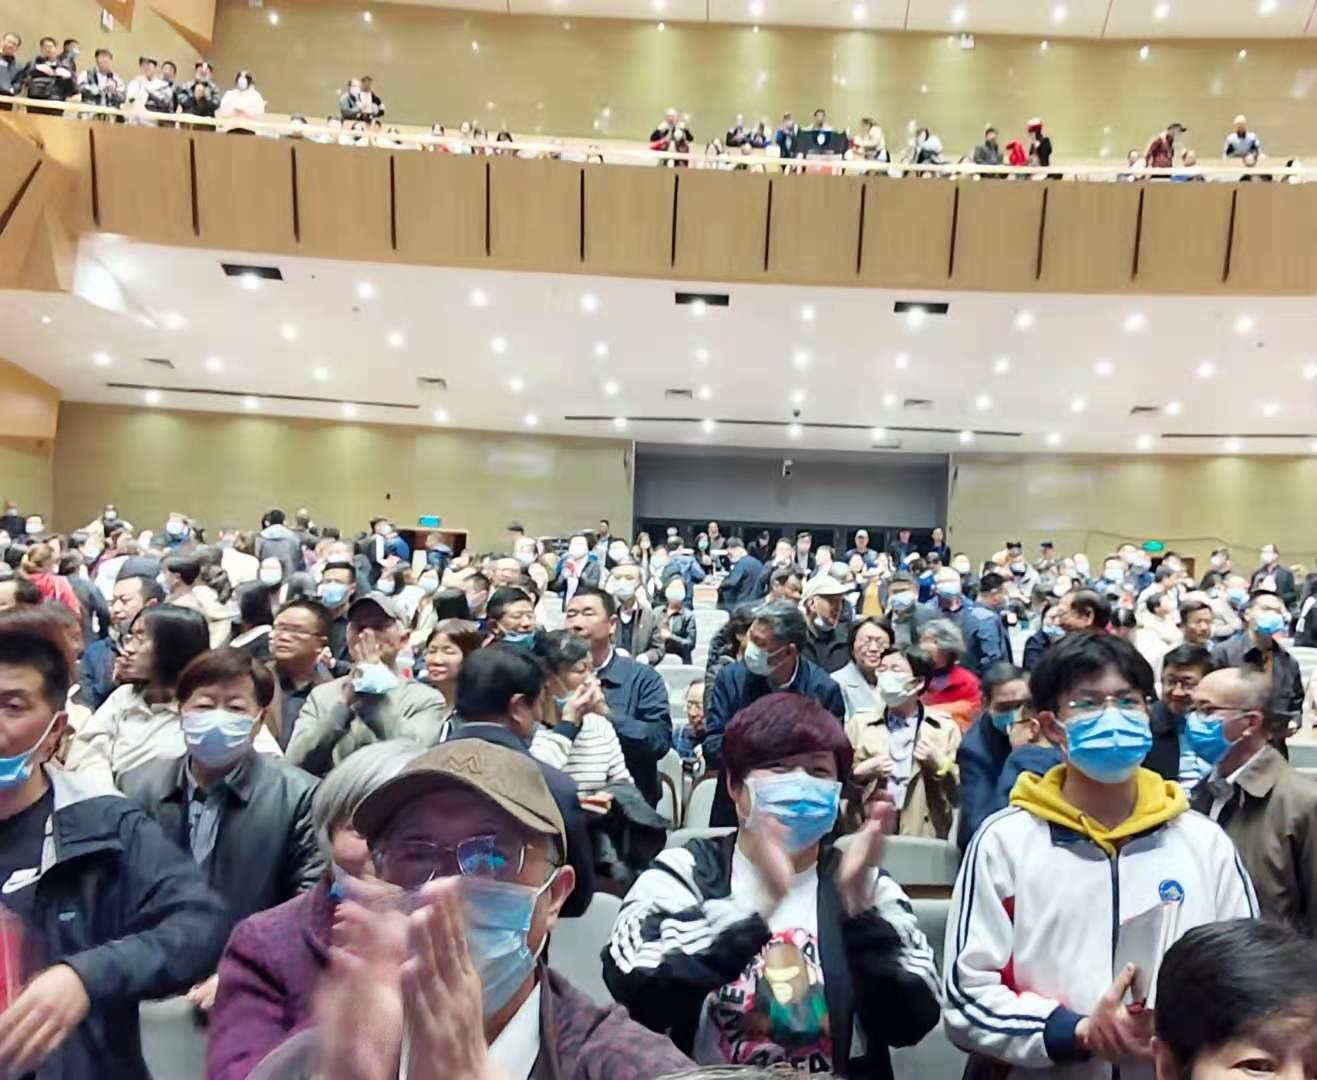 演出结束后,党员们热烈鼓掌。